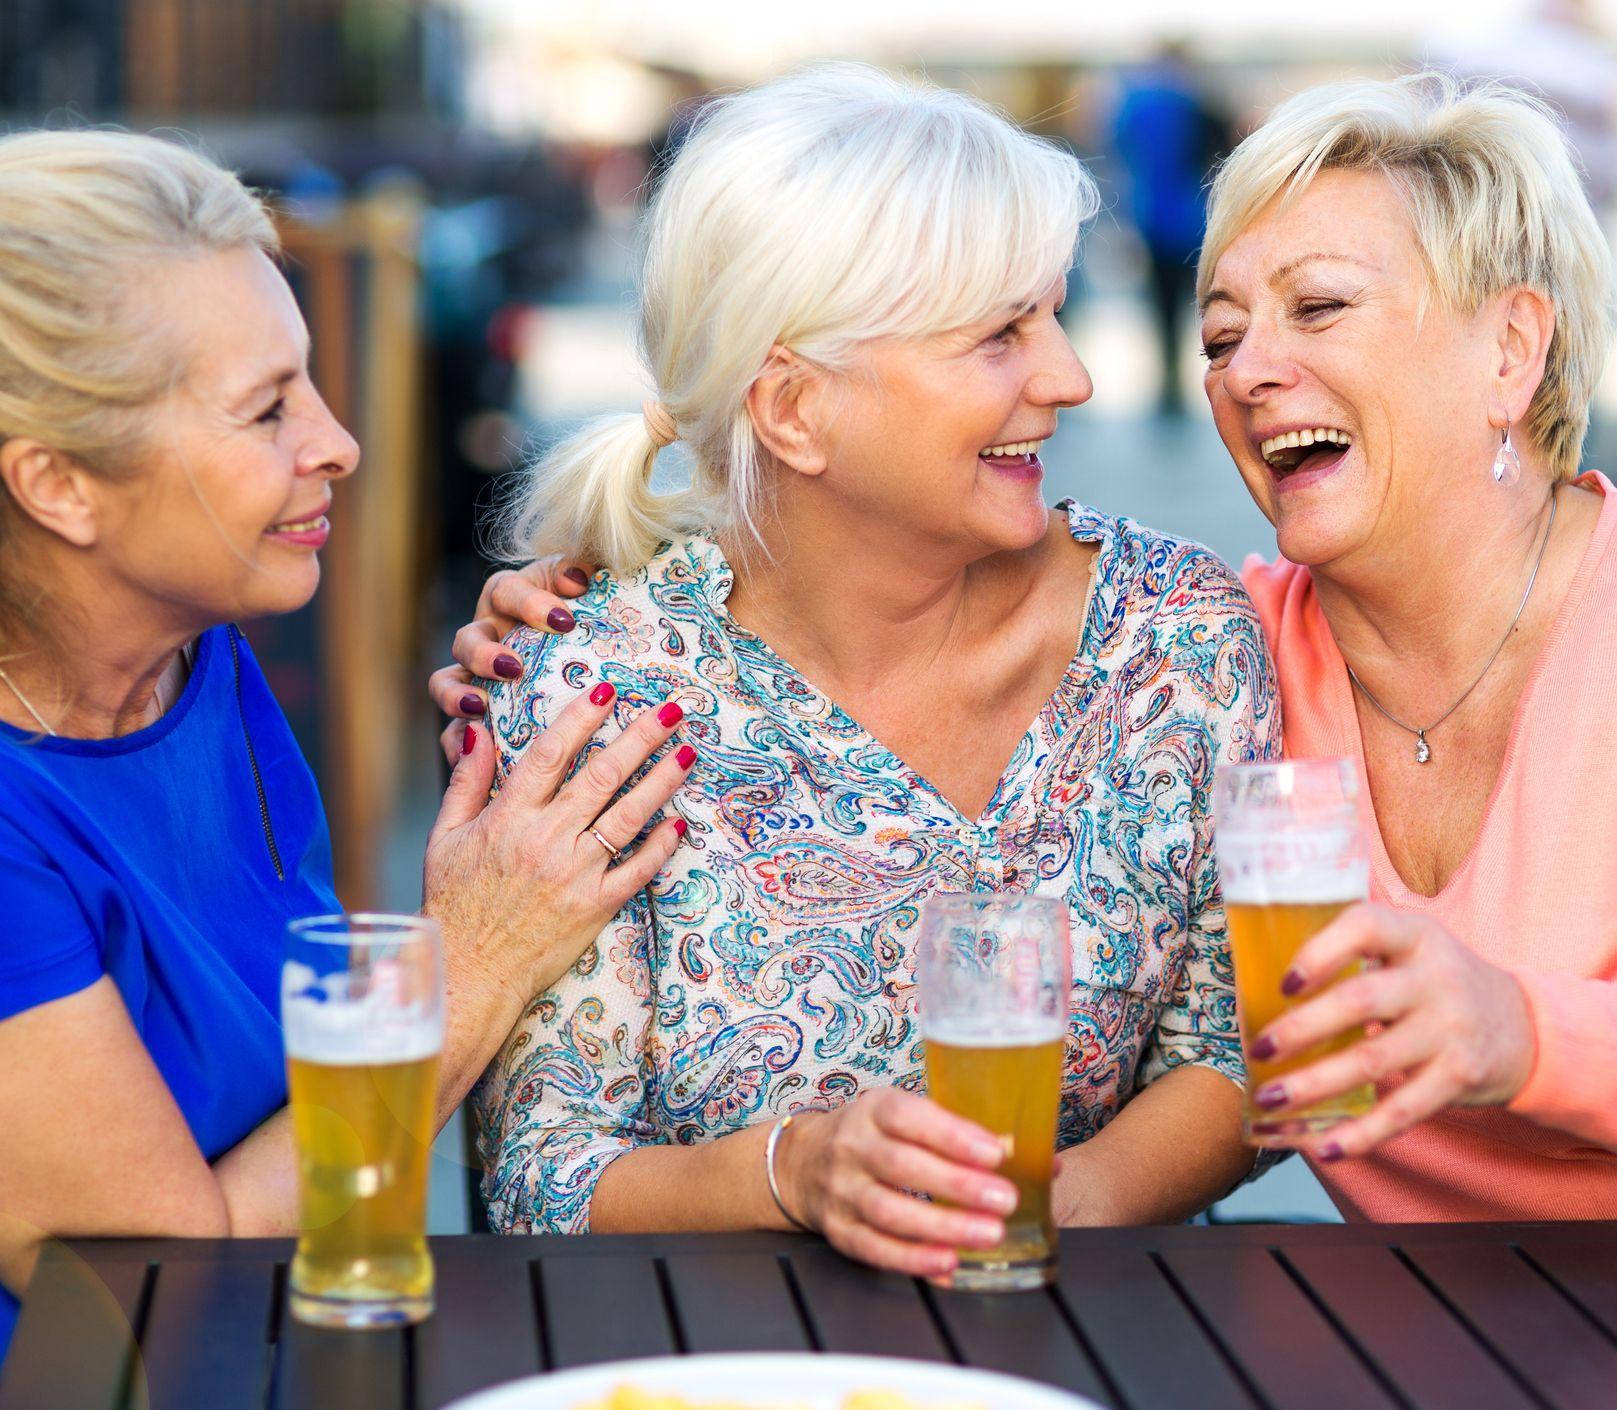 Keď priateľstvo skôr ubližuje ako pomáha: Ako spoznať toxického človeka?